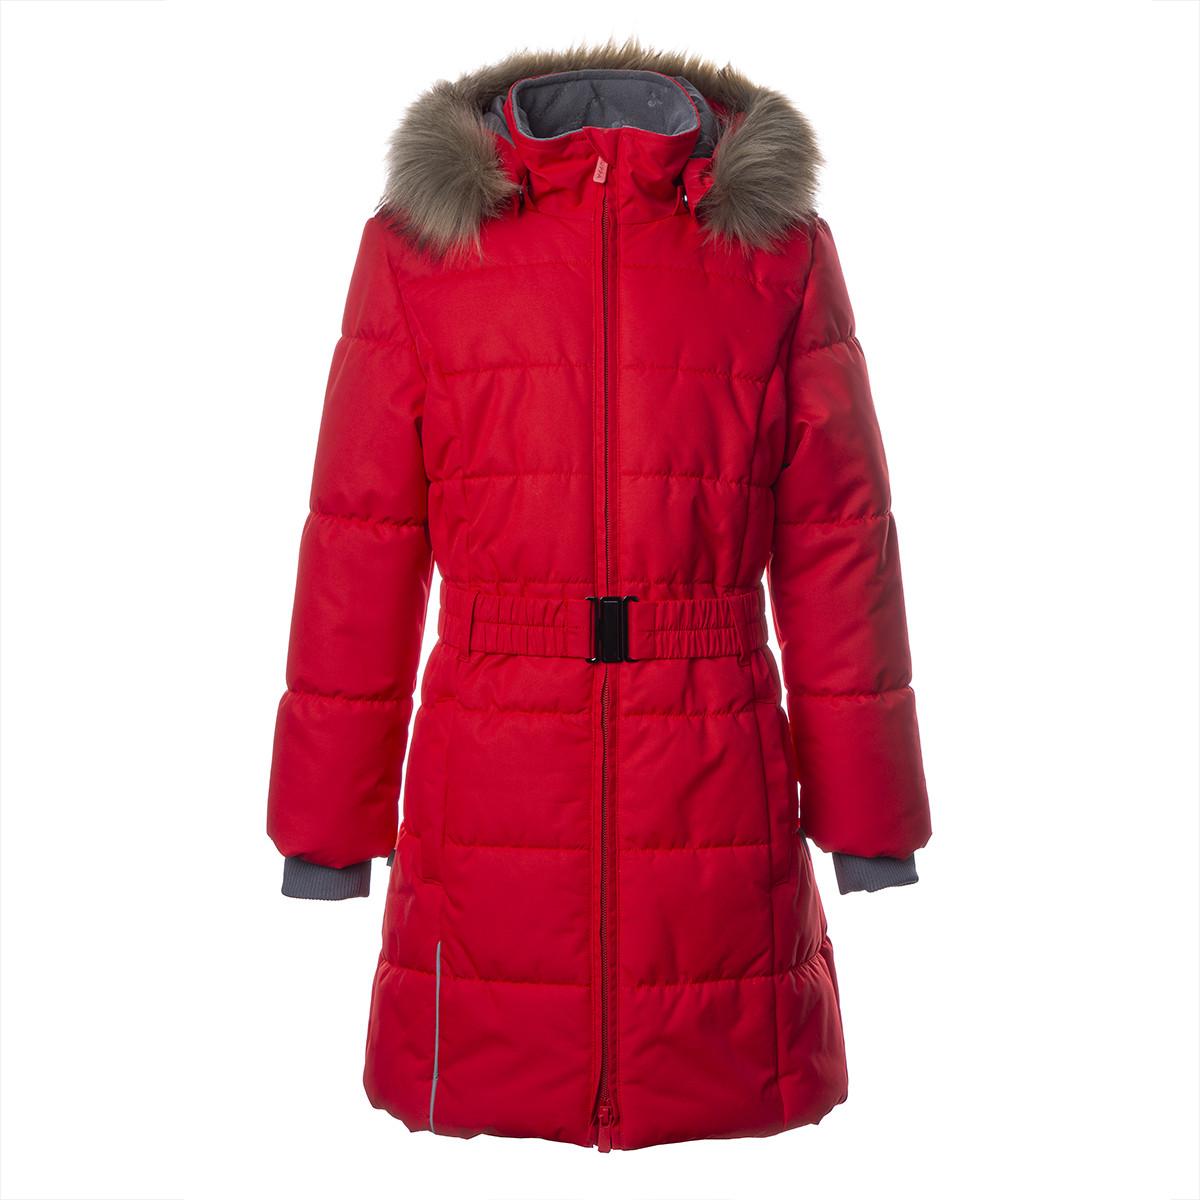 Пальто для девочек Huppa YACARANDA, красный